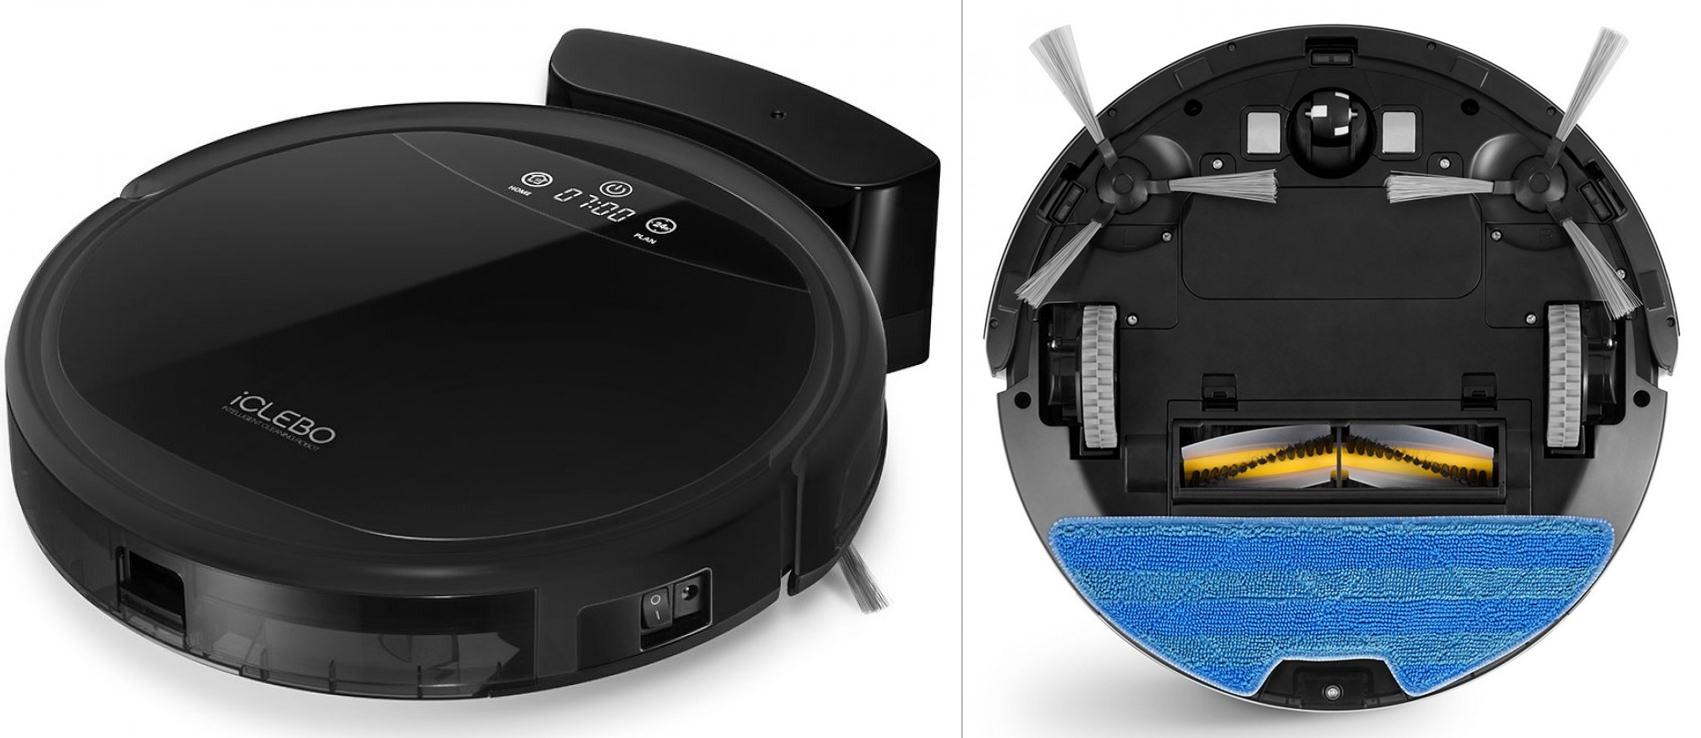 робот пылесос iclebo g5 черный - отзывы